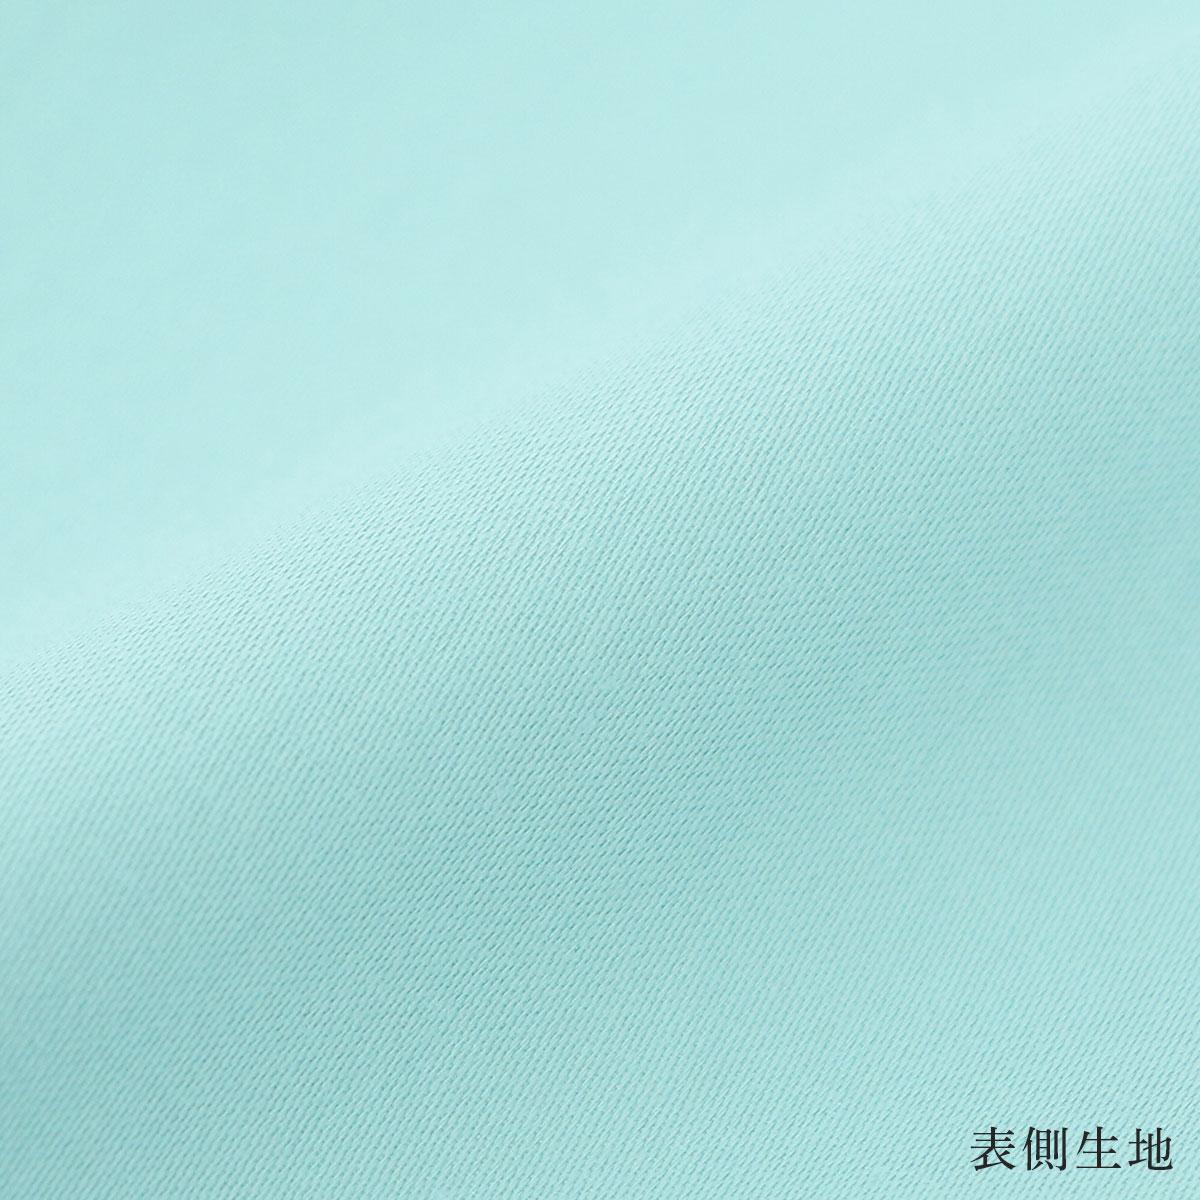 極眠 by NAIGAI コットン100% プレミアムサテン スームスシャイン パジャマ 前開き 長袖 長丈パンツ【Mサイズ】 レディース 女性 婦人 73380202【ゆうパケットお取り扱い不可】